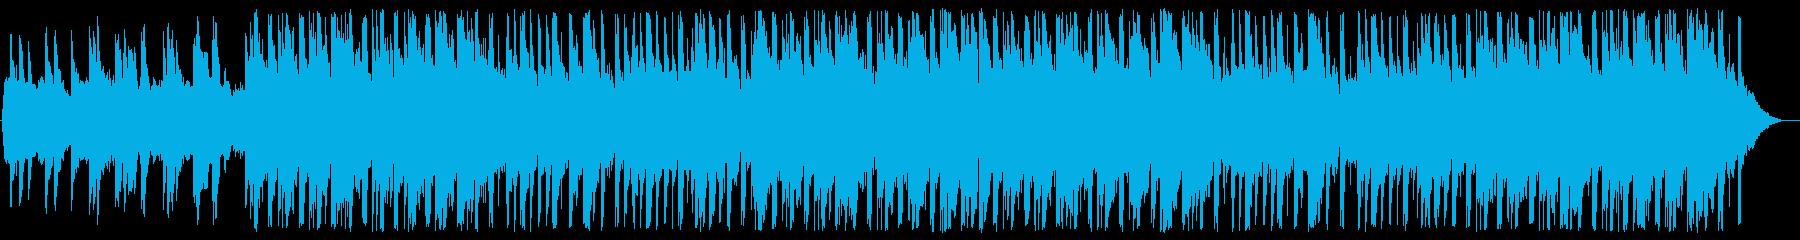 ノスタルジックで感動的な少し切ないBGMの再生済みの波形